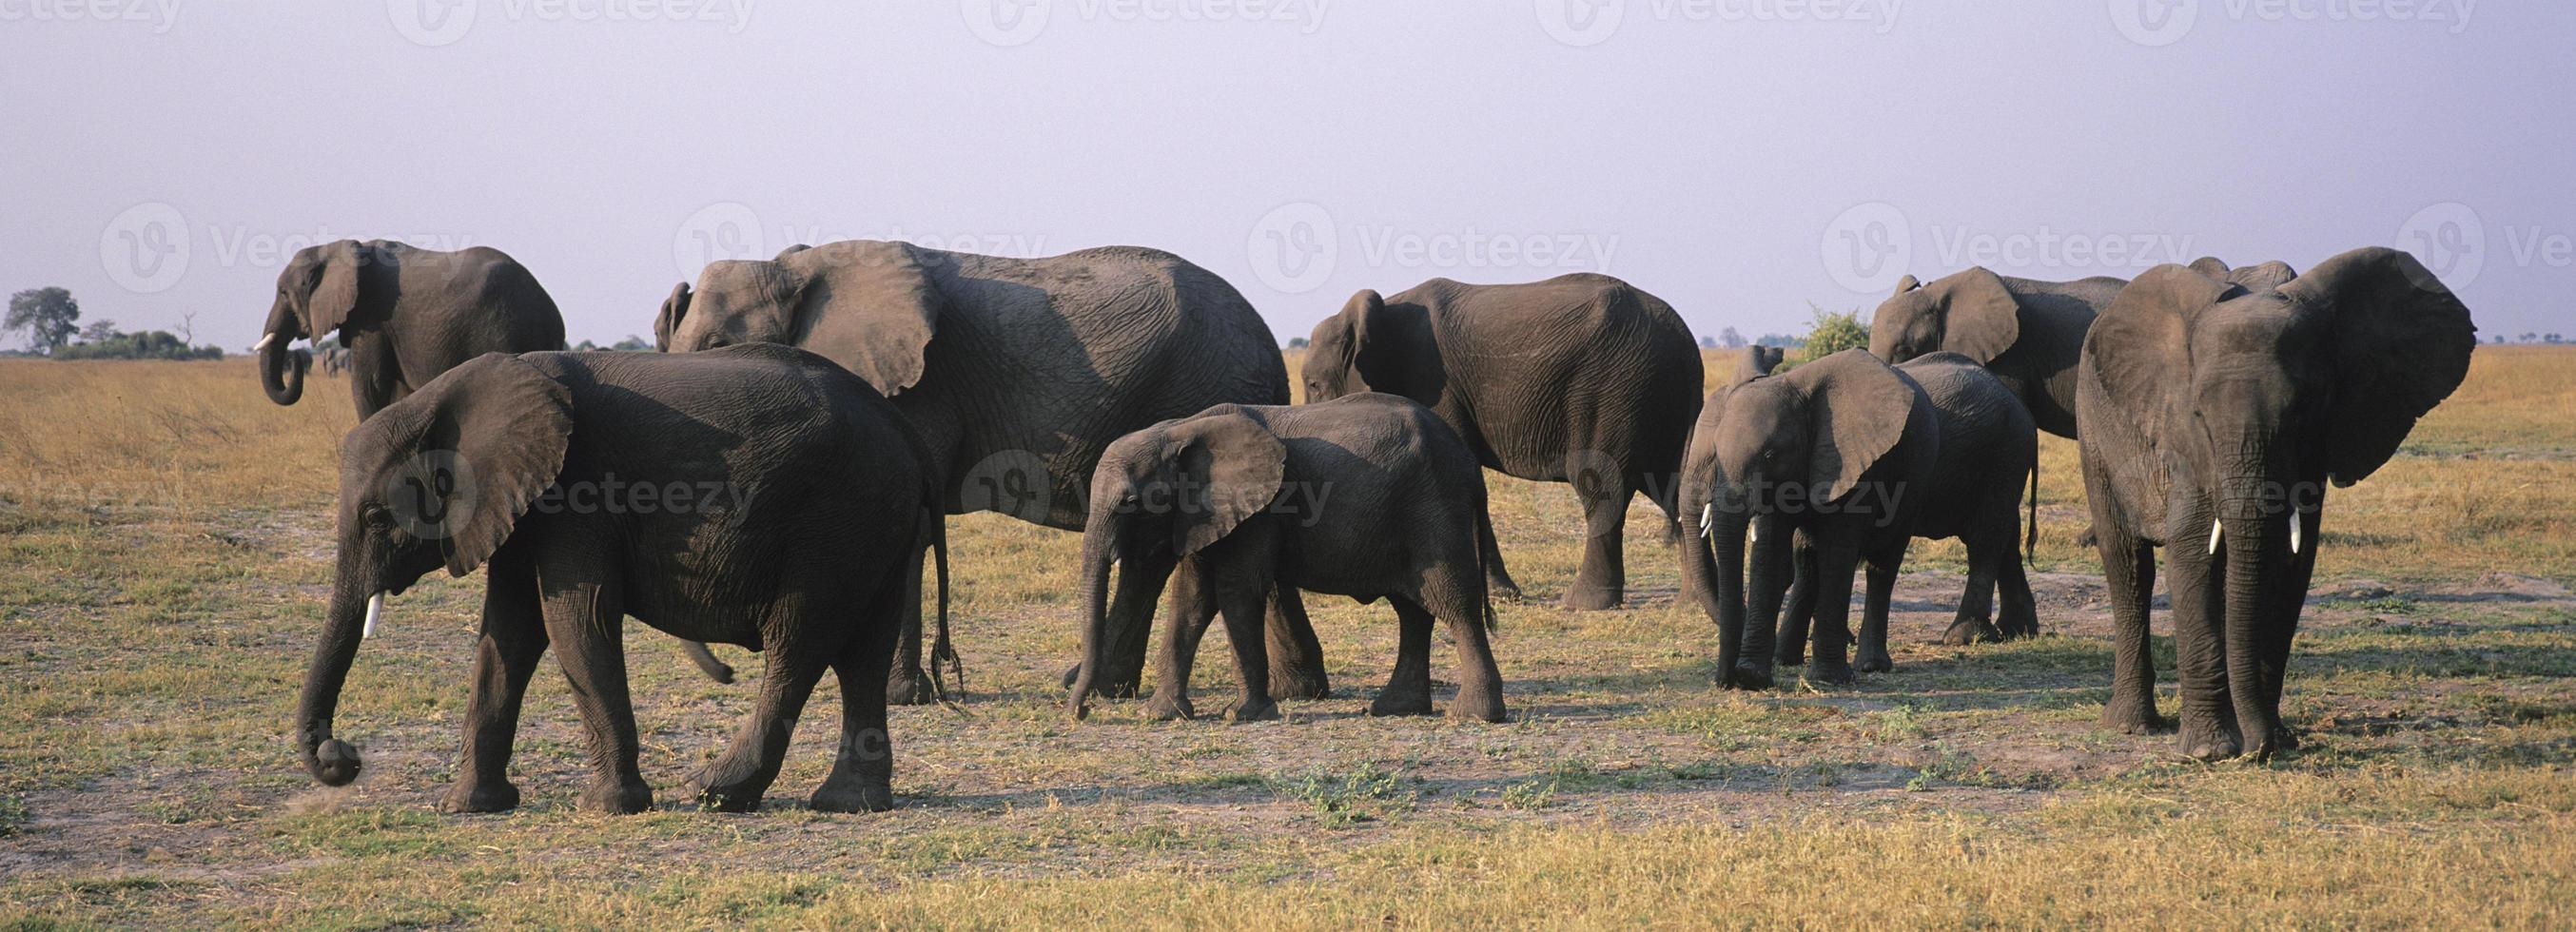 olifanten foto